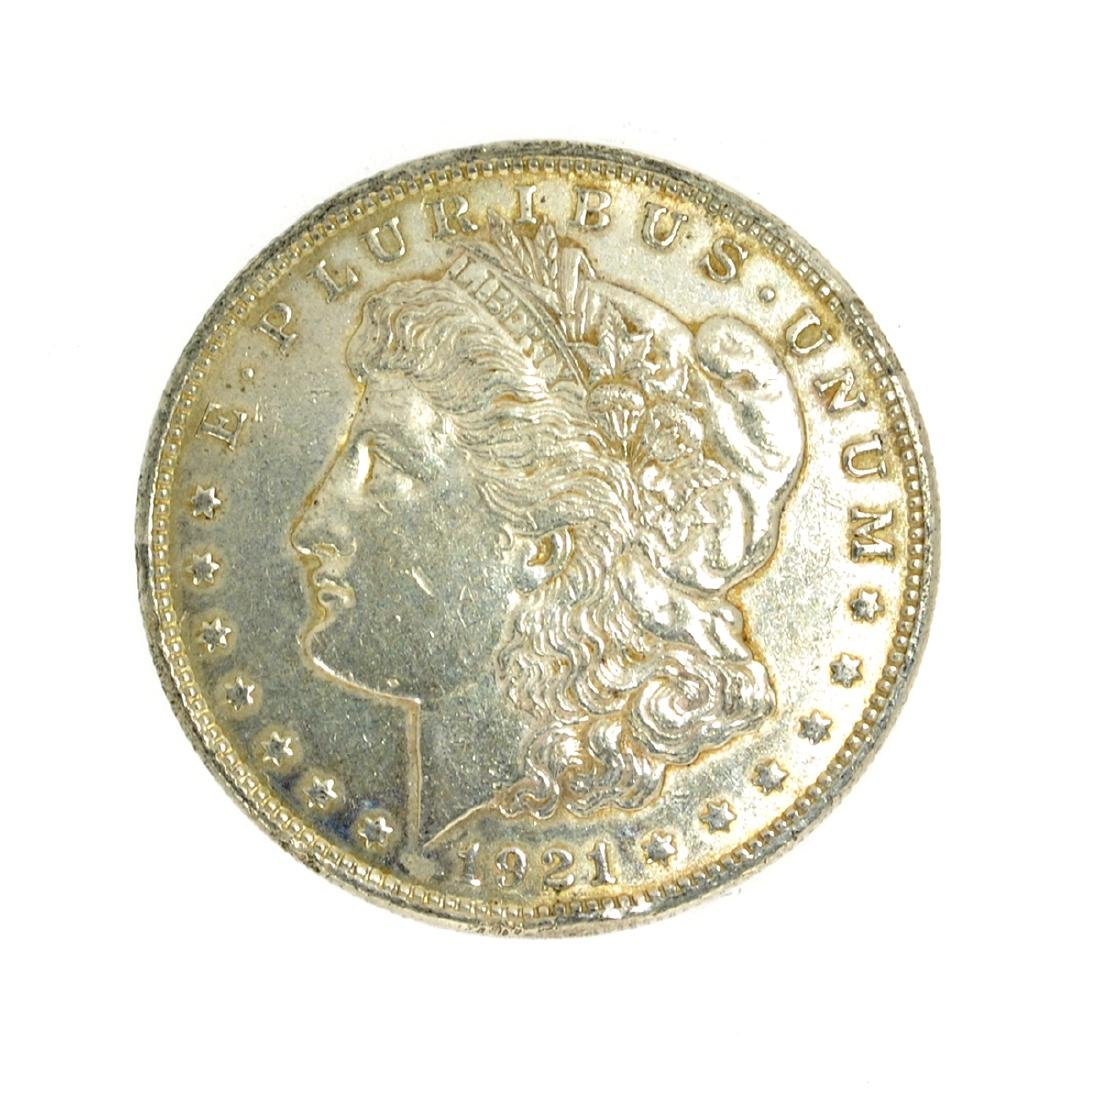 Rare 1921 Silver Dollar Coin